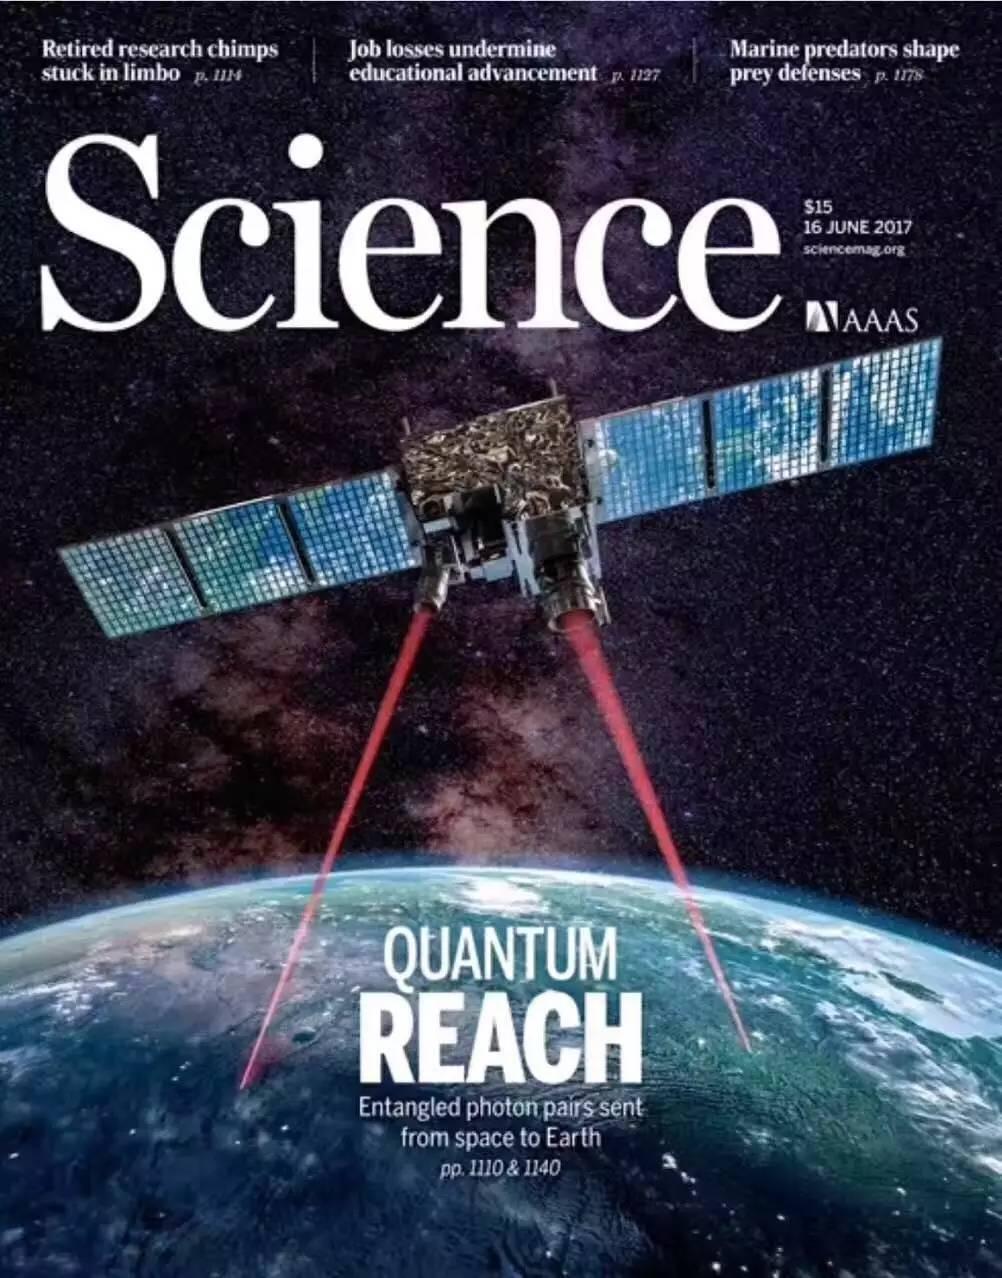 中国又一位世界级科学家!或将成为穿越时空第一人!